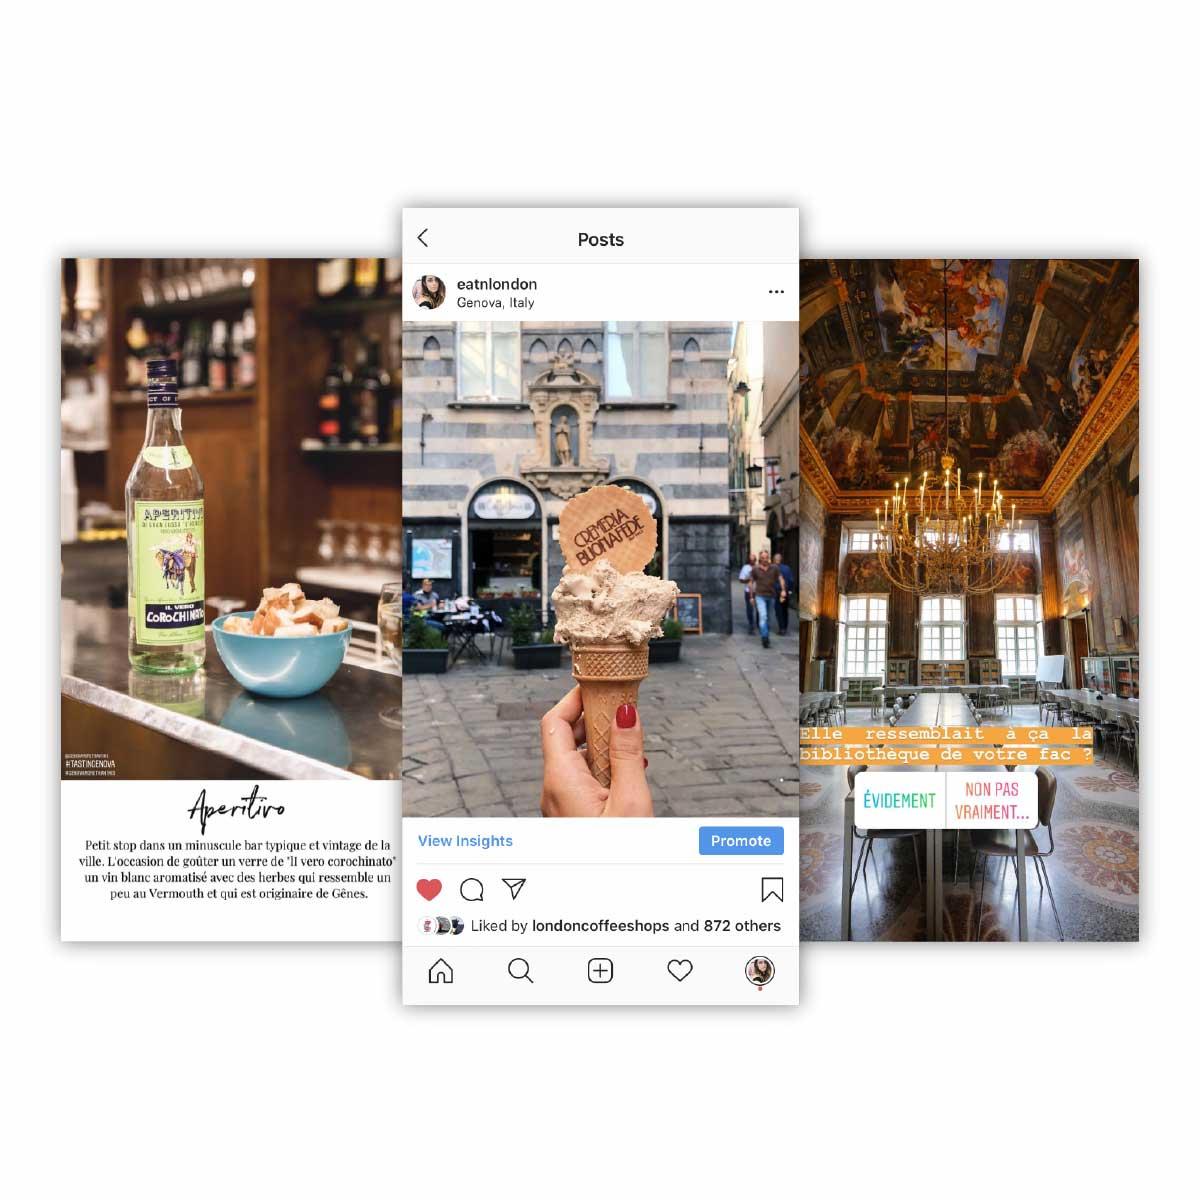 comune-di-genova-influencer-marketing-turismo-influencer-marketing-2